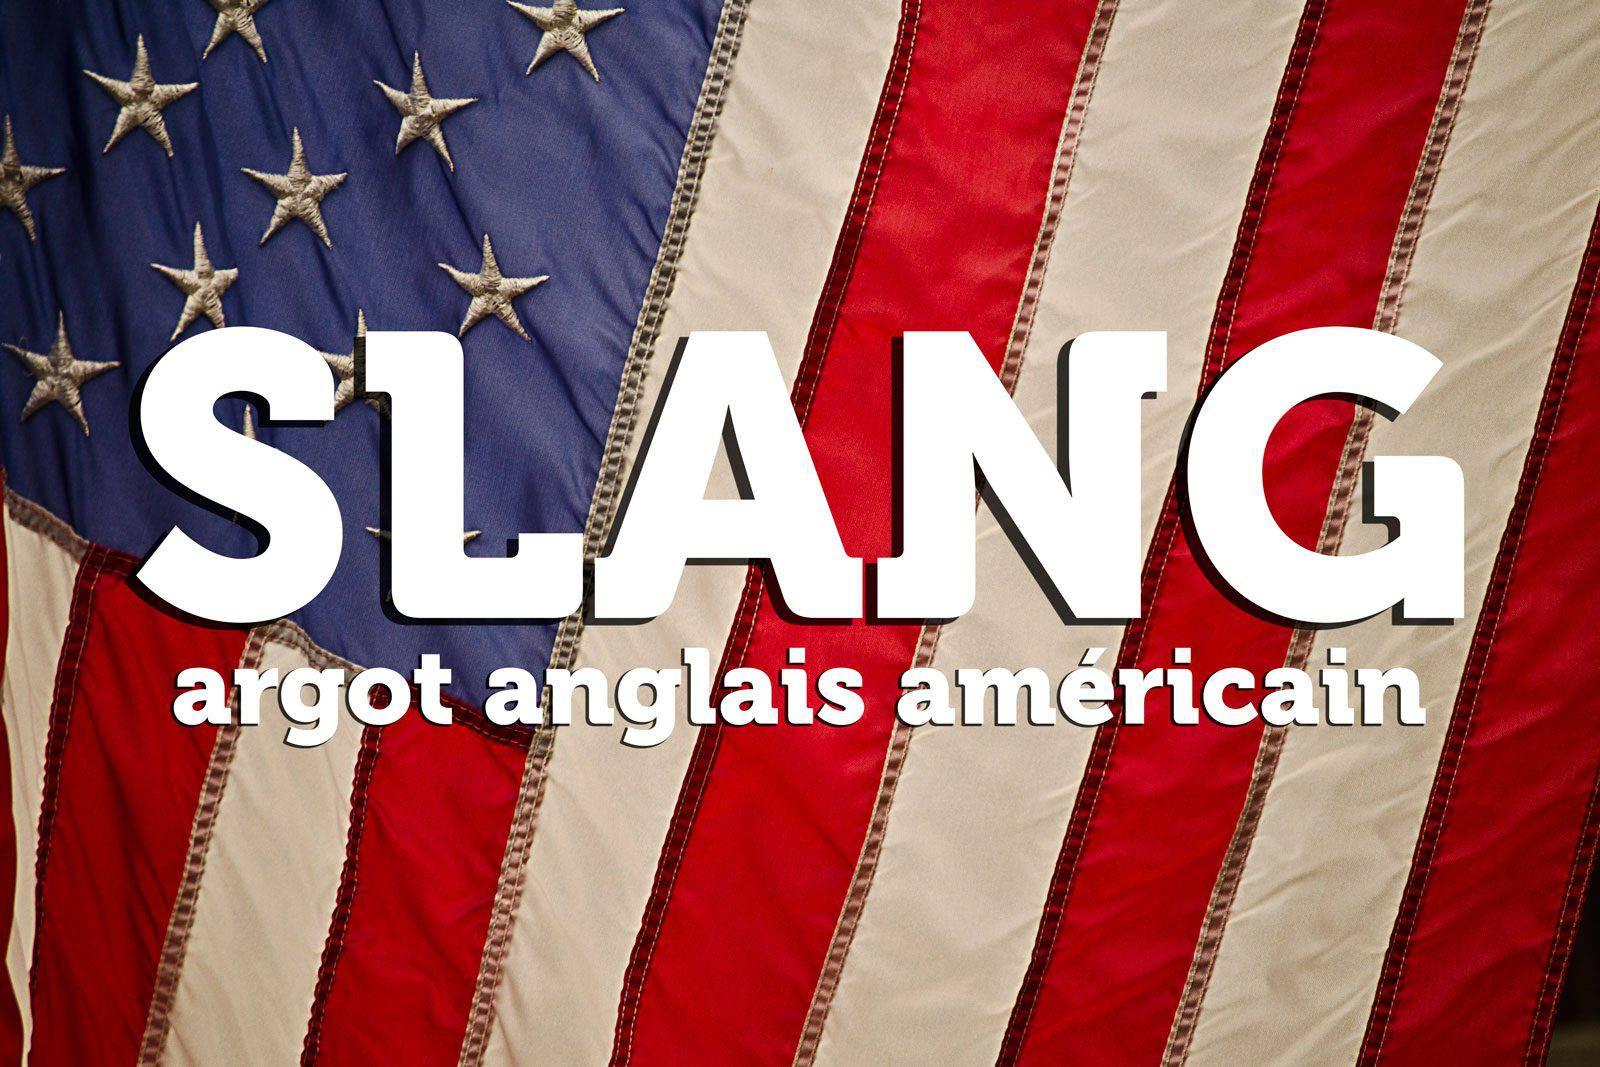 Argot anglais américain (slang)